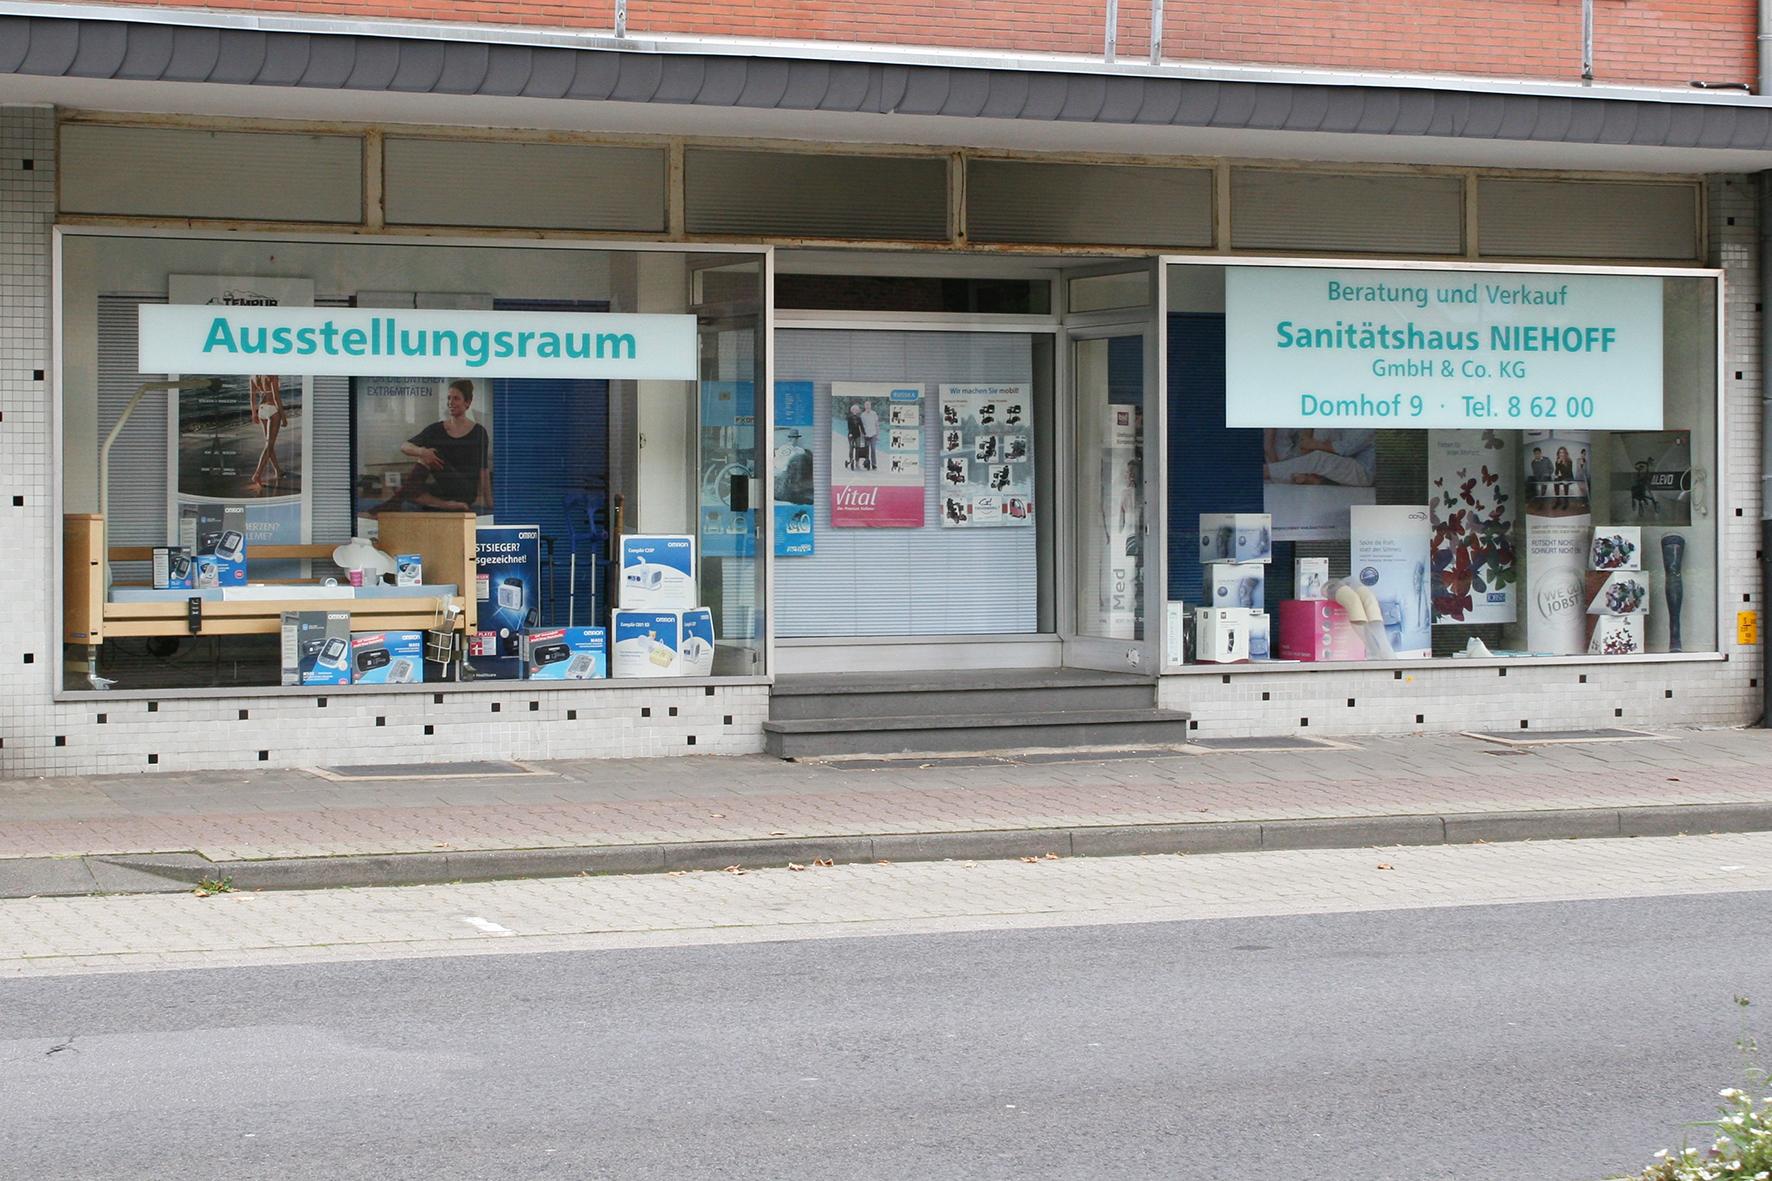 Sanitätshaus Niehoff, Ausstellung 2